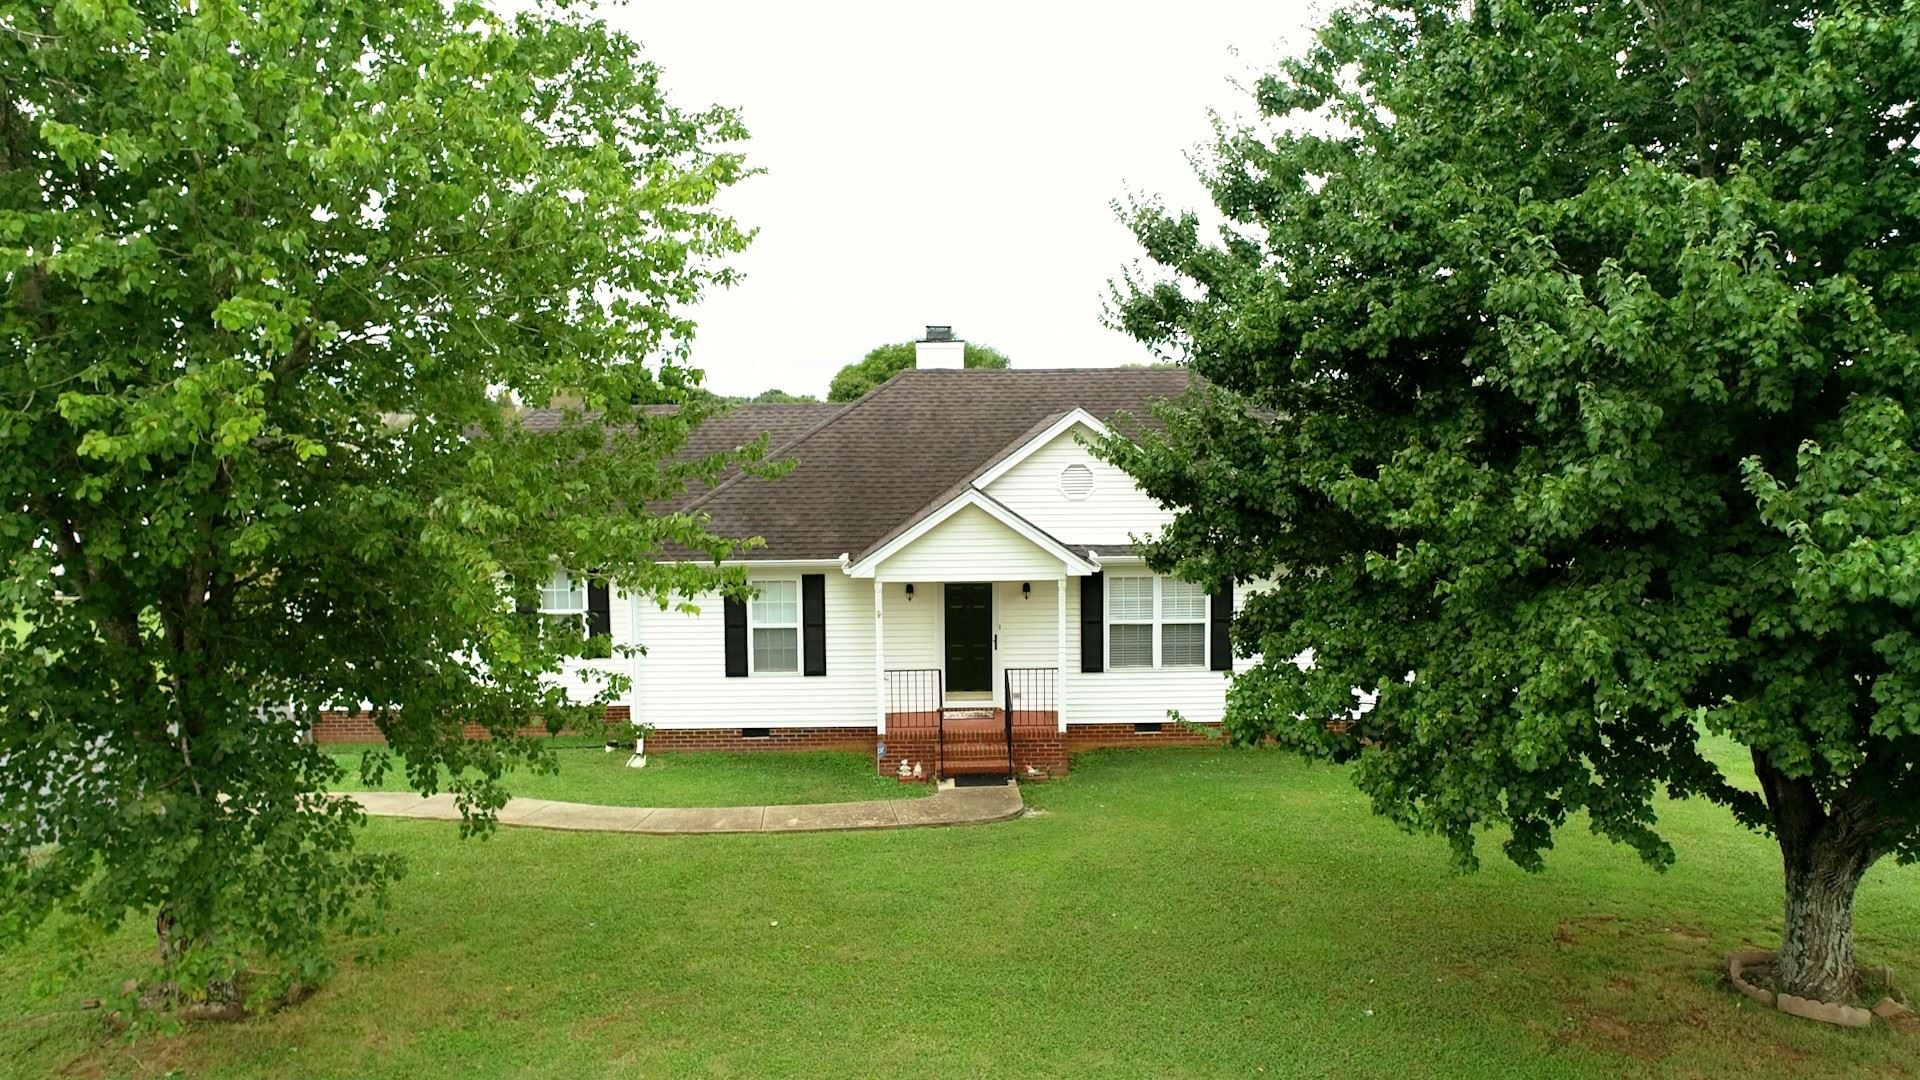 3316 Southridge Blvd, Murfreesboro, TN 37128 - MLS#: 2292668